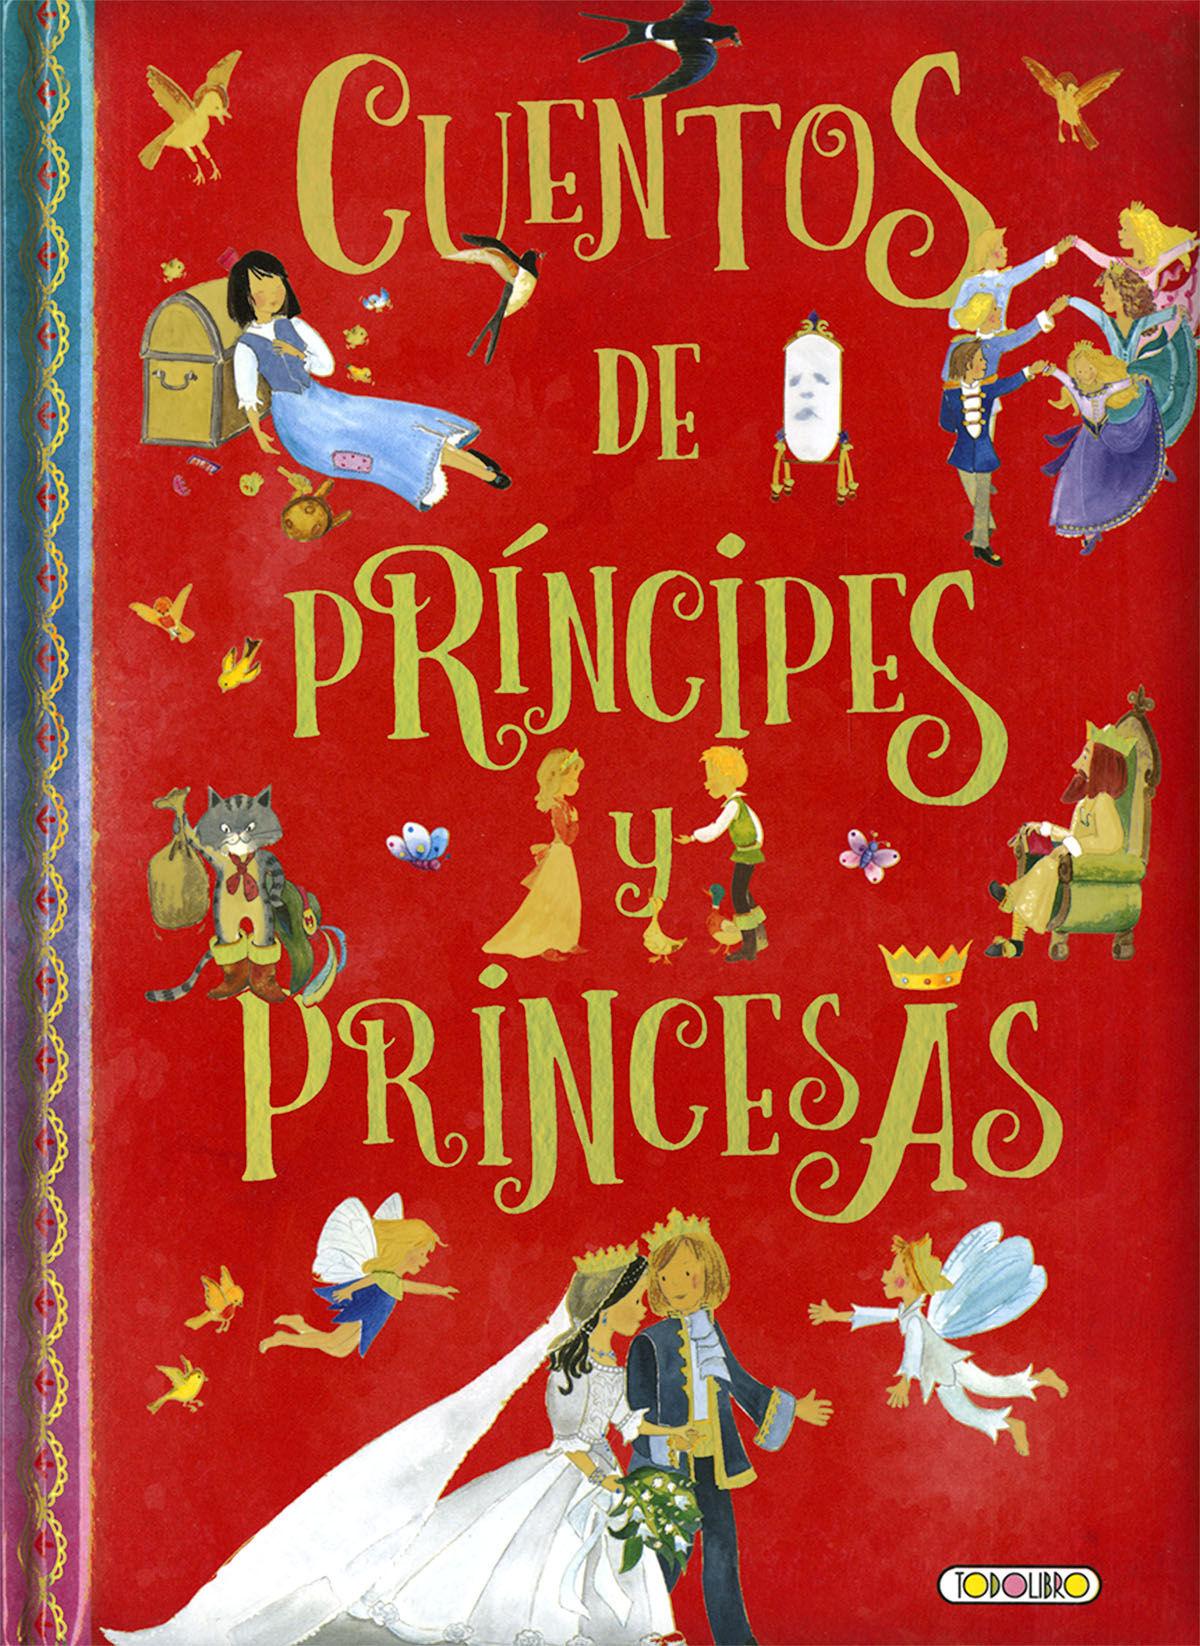 CUENTOS DE PRINCIPES Y PRINCESAS CUENTOS POPULARES